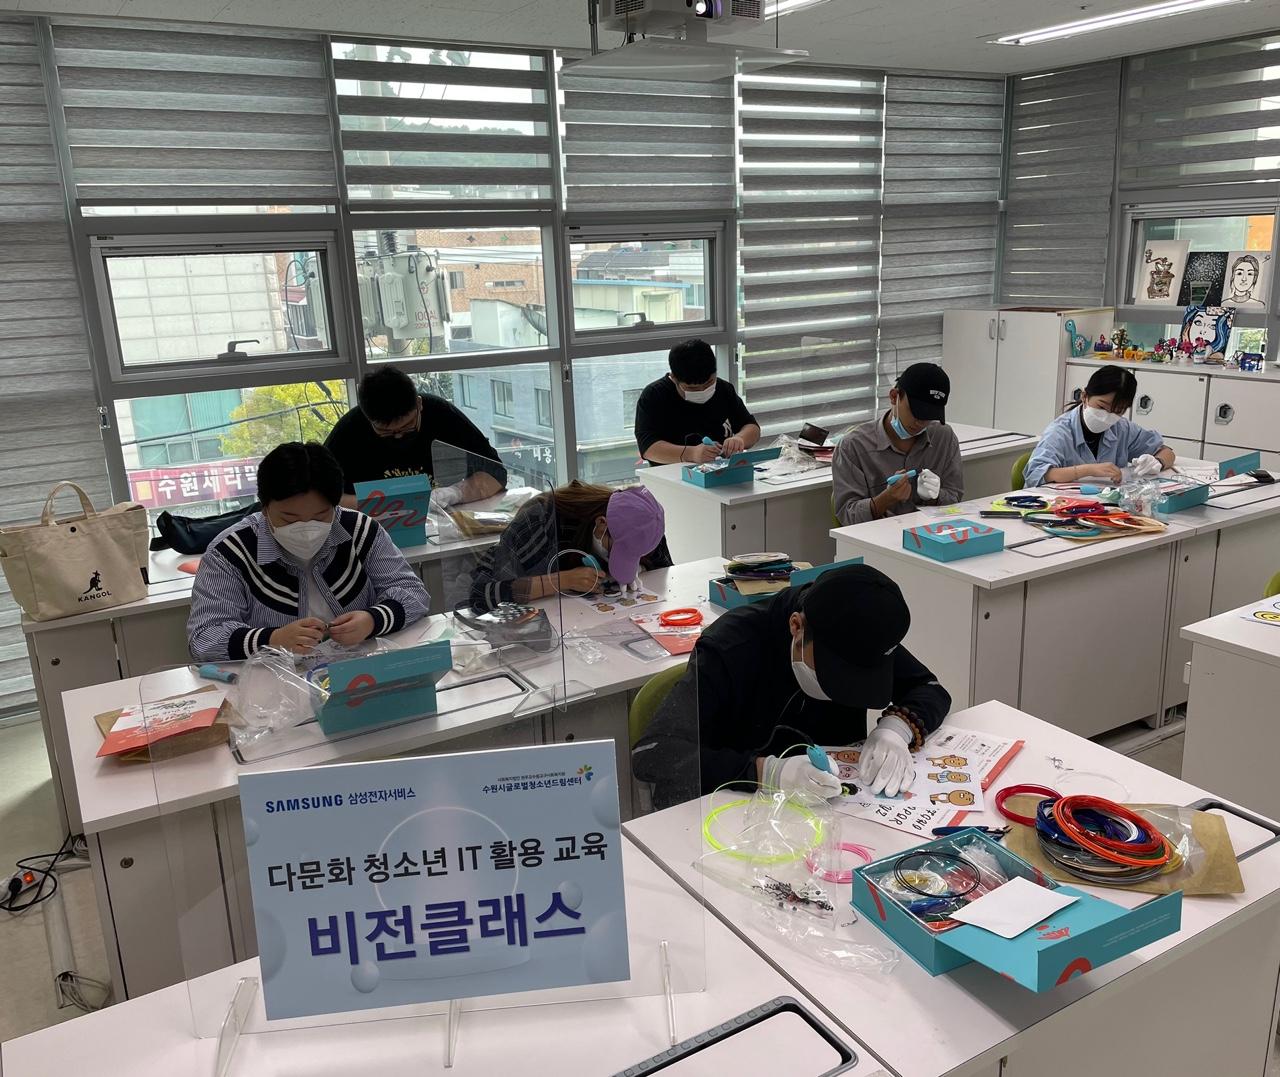 「비전클래스」3D 프린팅펜 특별교육 진행